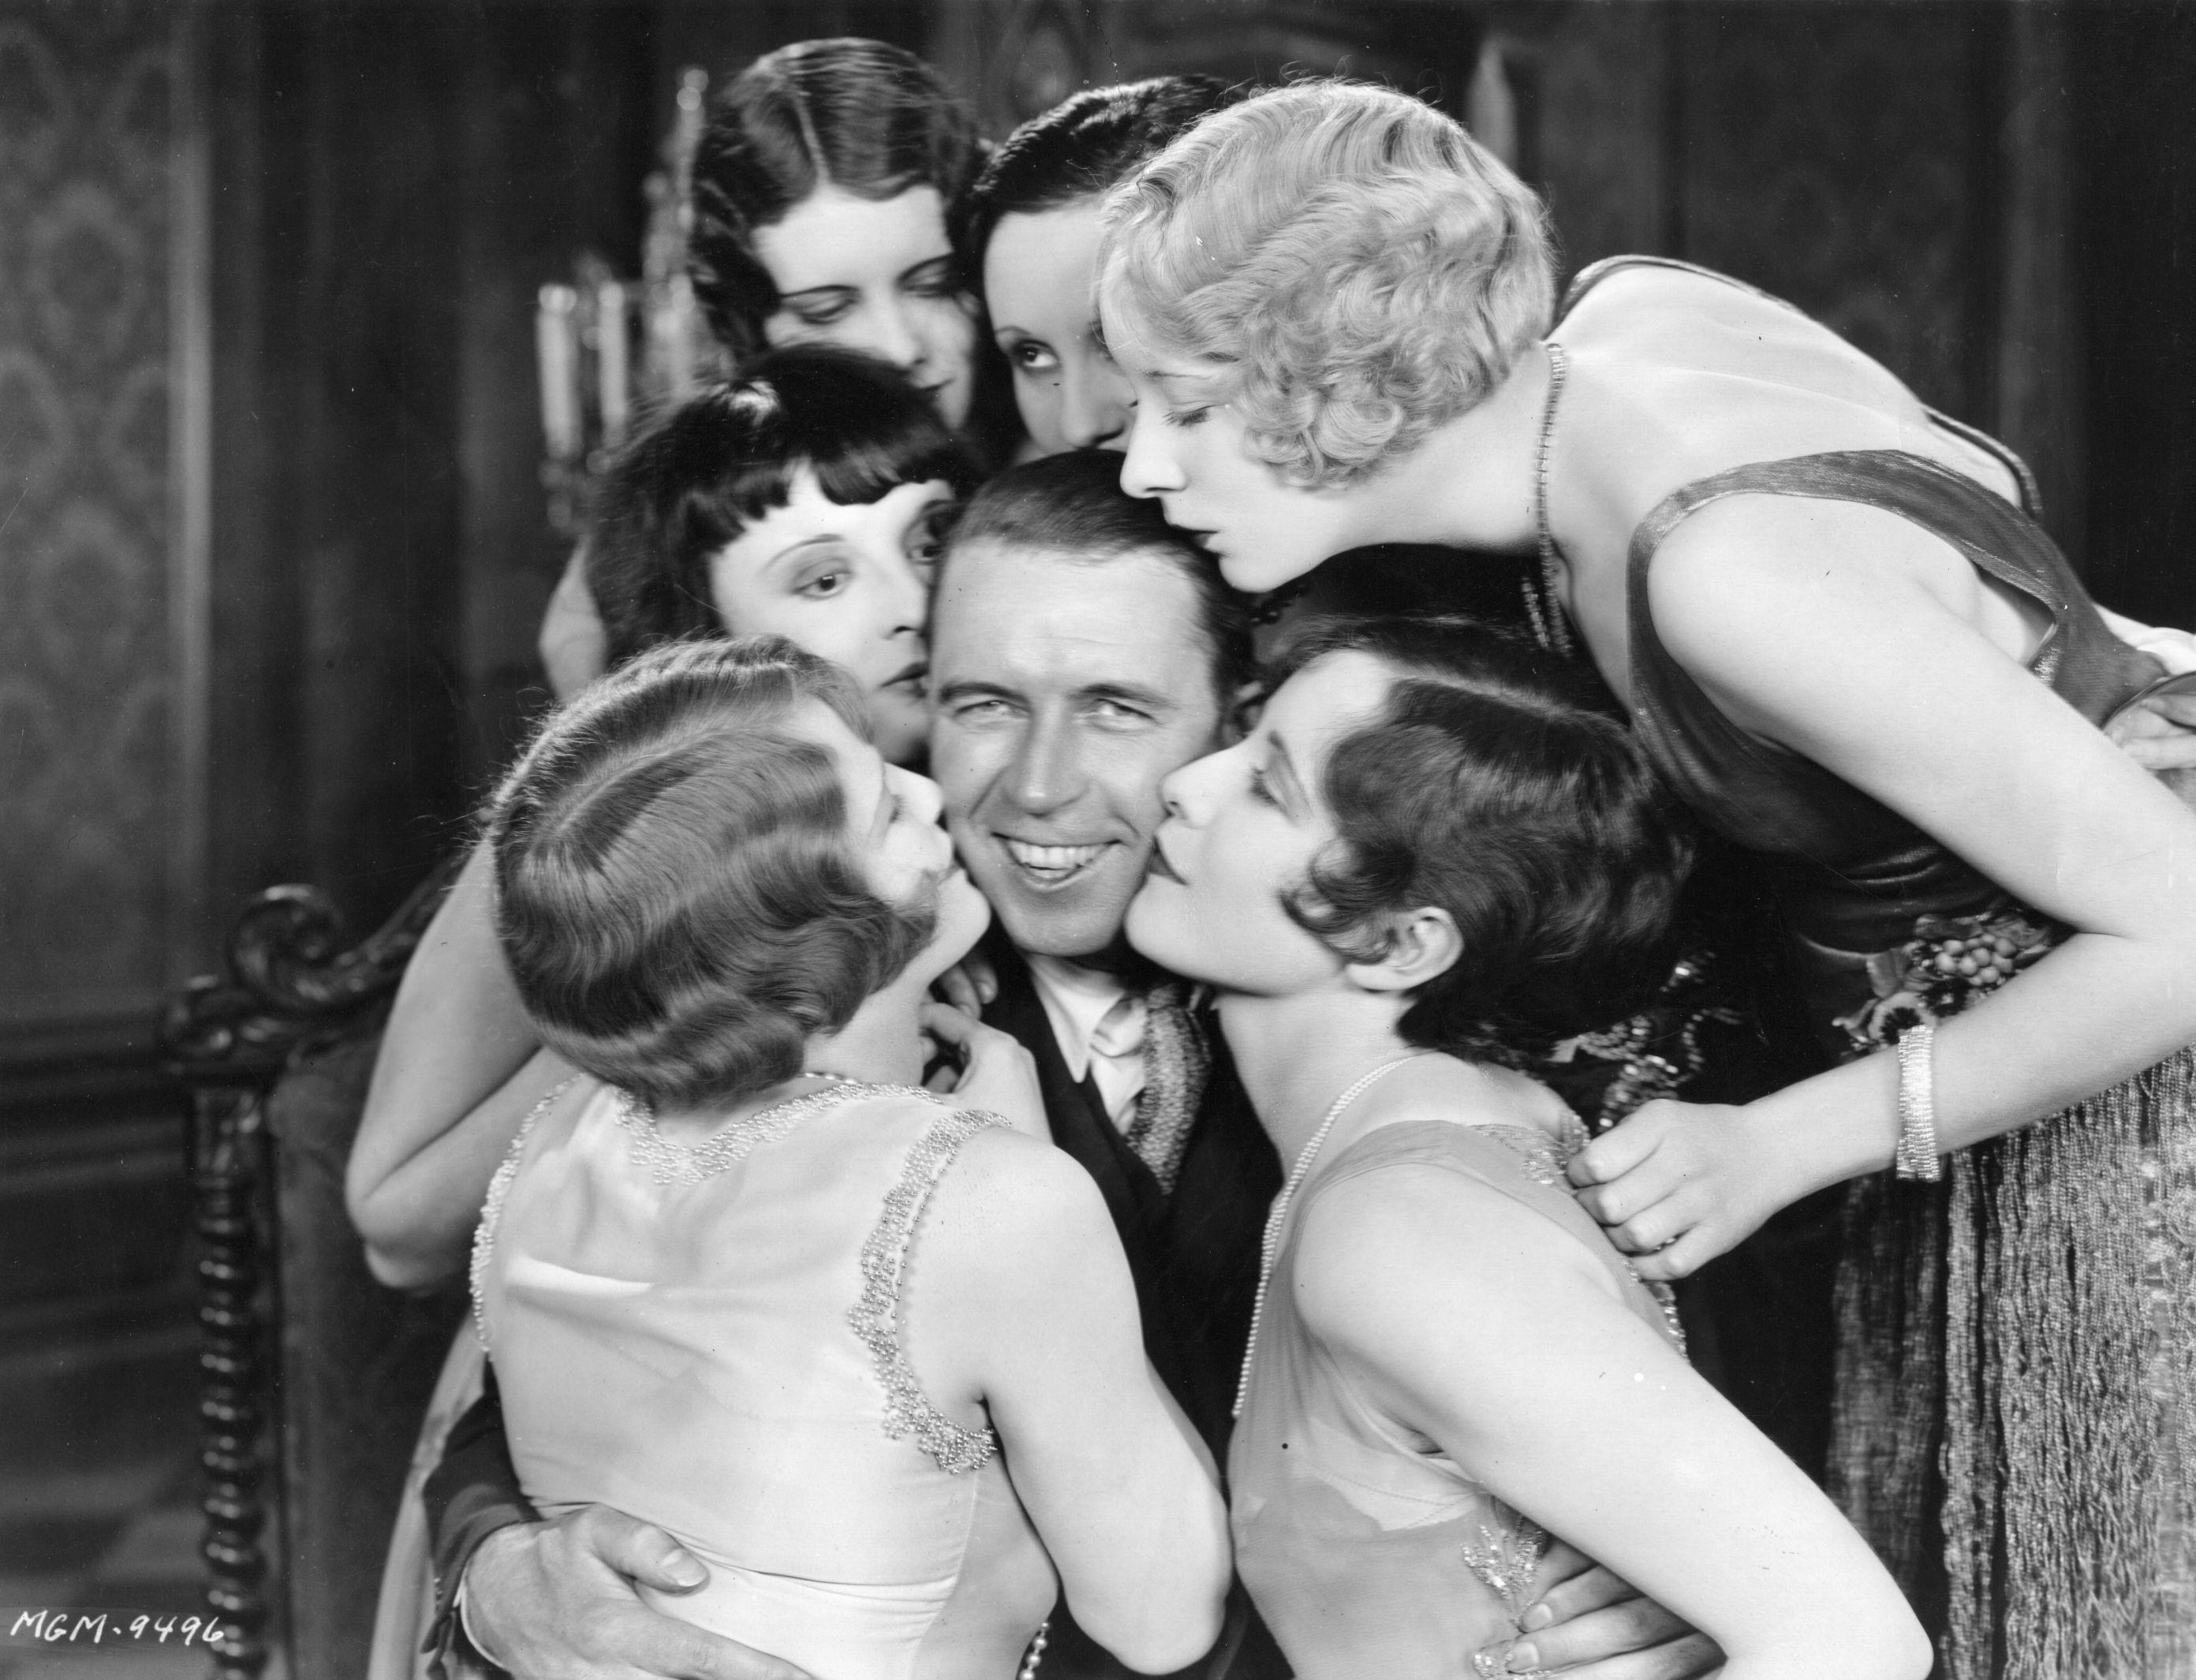 Проучвания показват тенденция при мъжете, които биват целувани всяка сутрин преди работа от жените си, да живеят средно с пет години по-дълго.